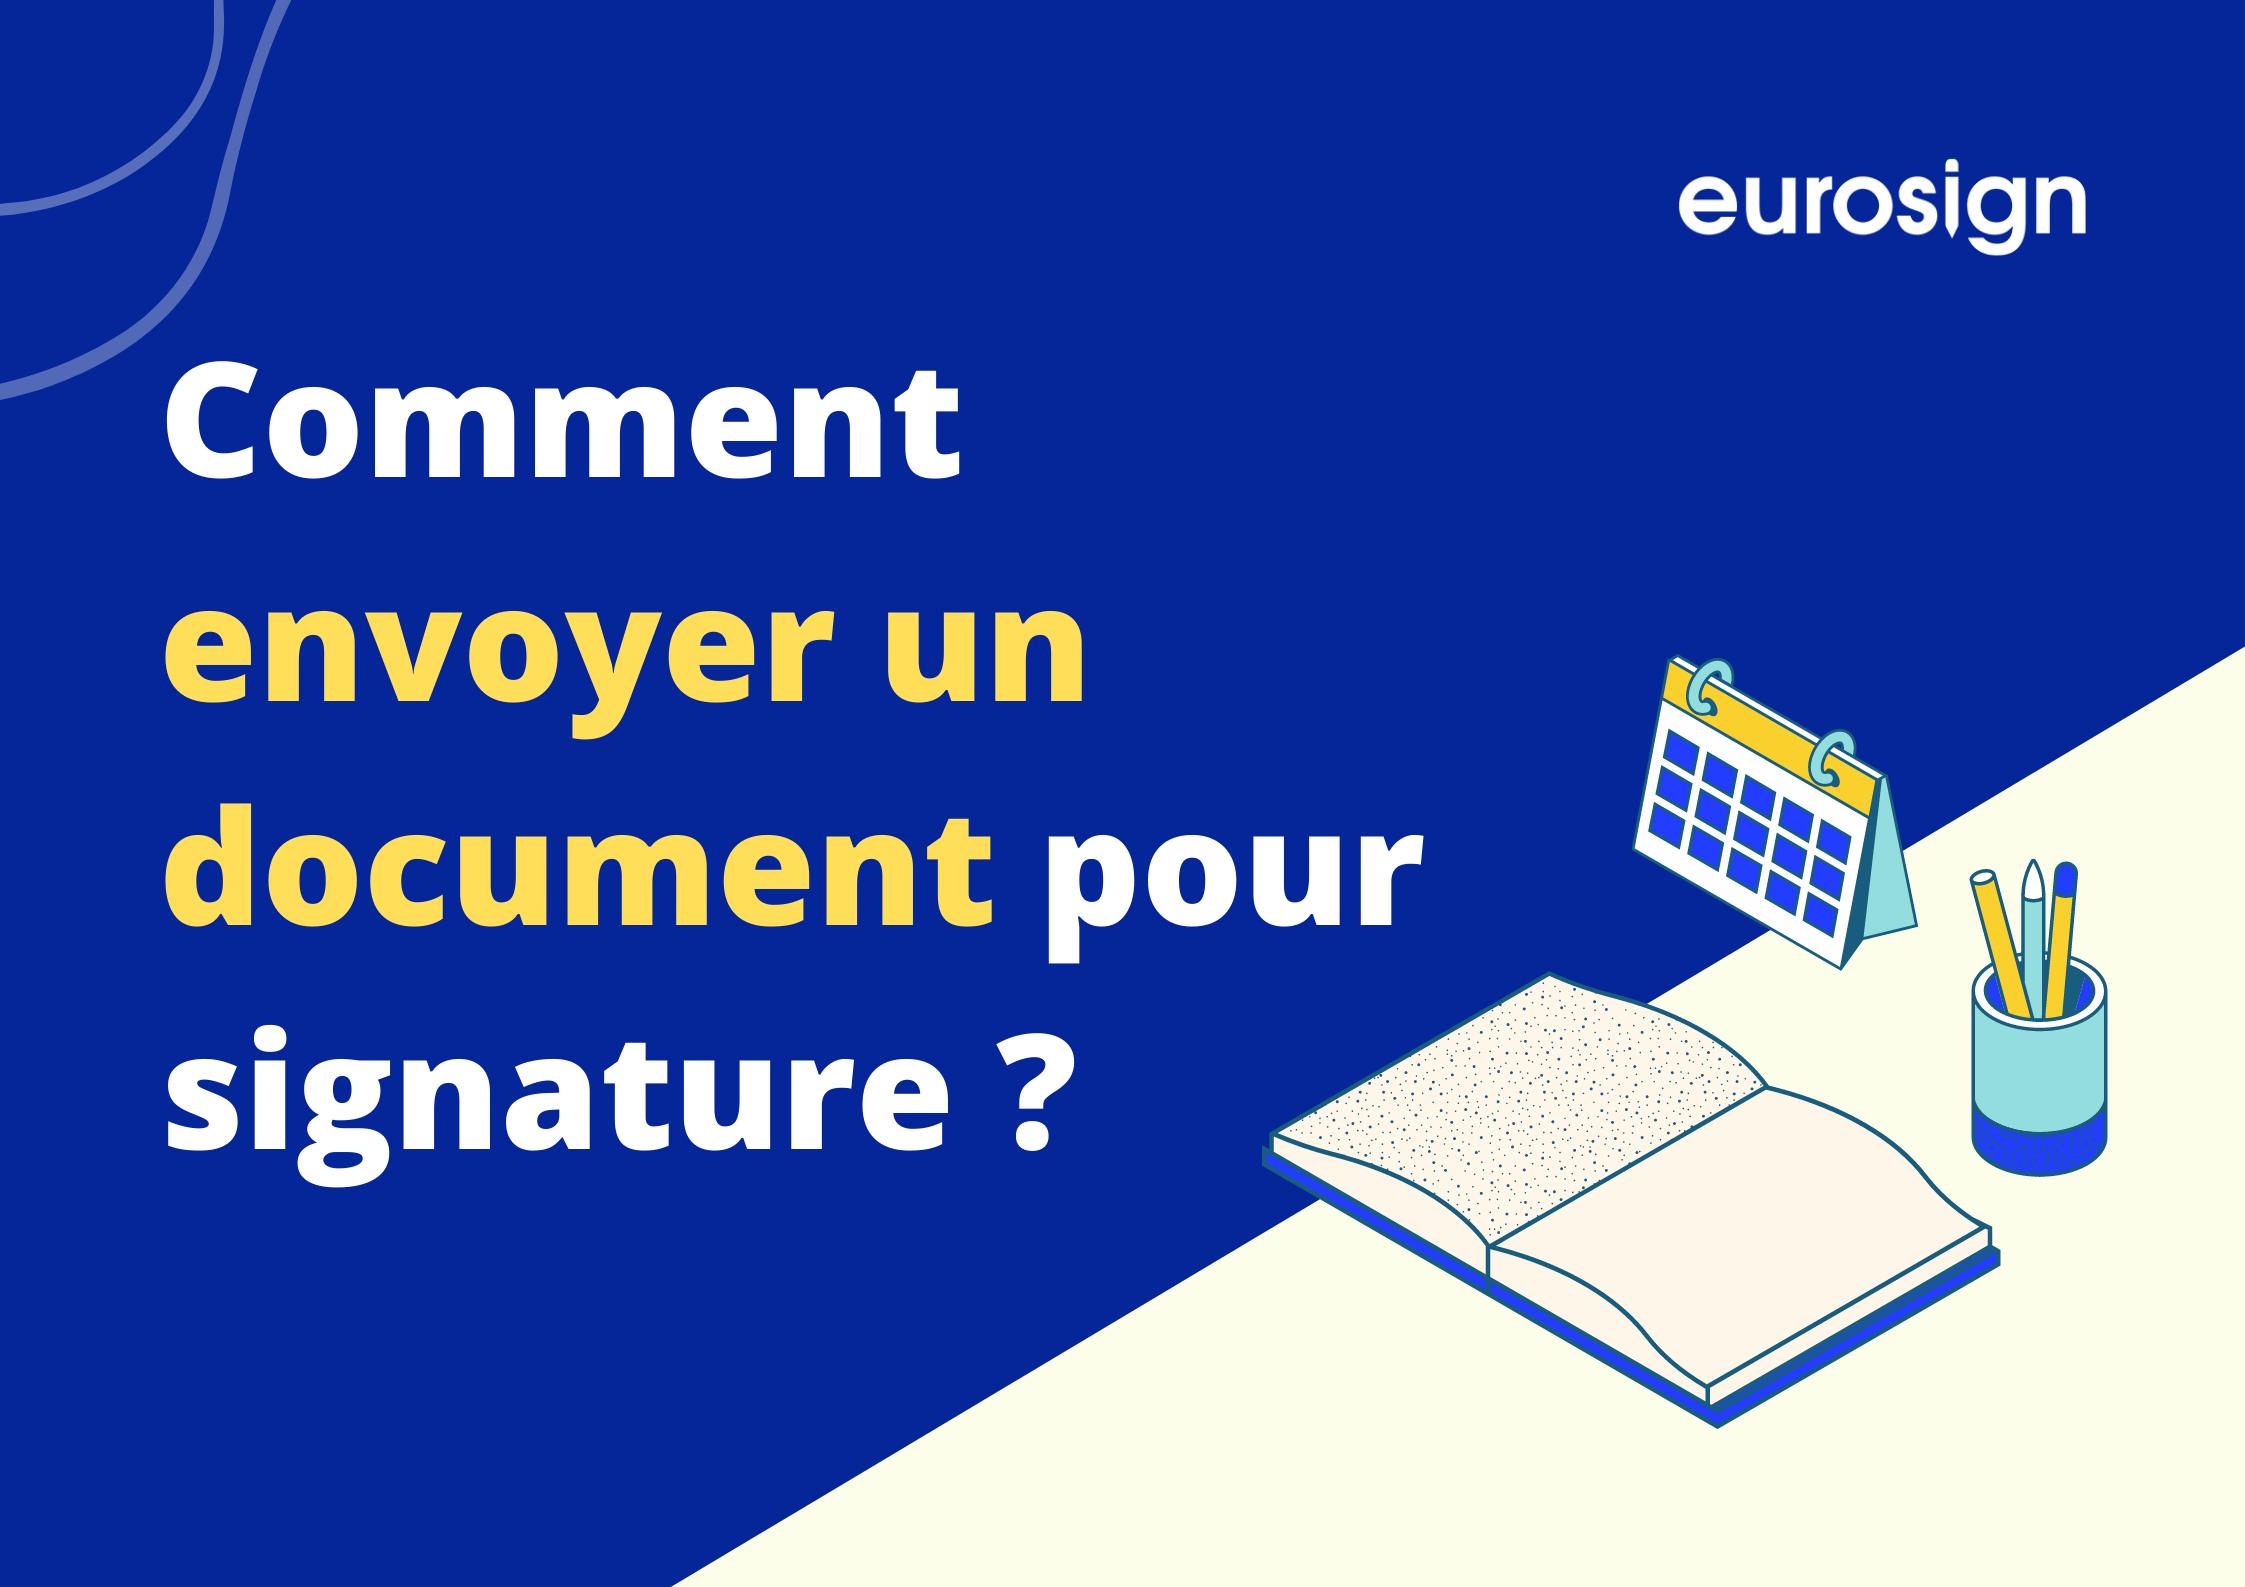 Envoyer un document pour signature avec Eurosign